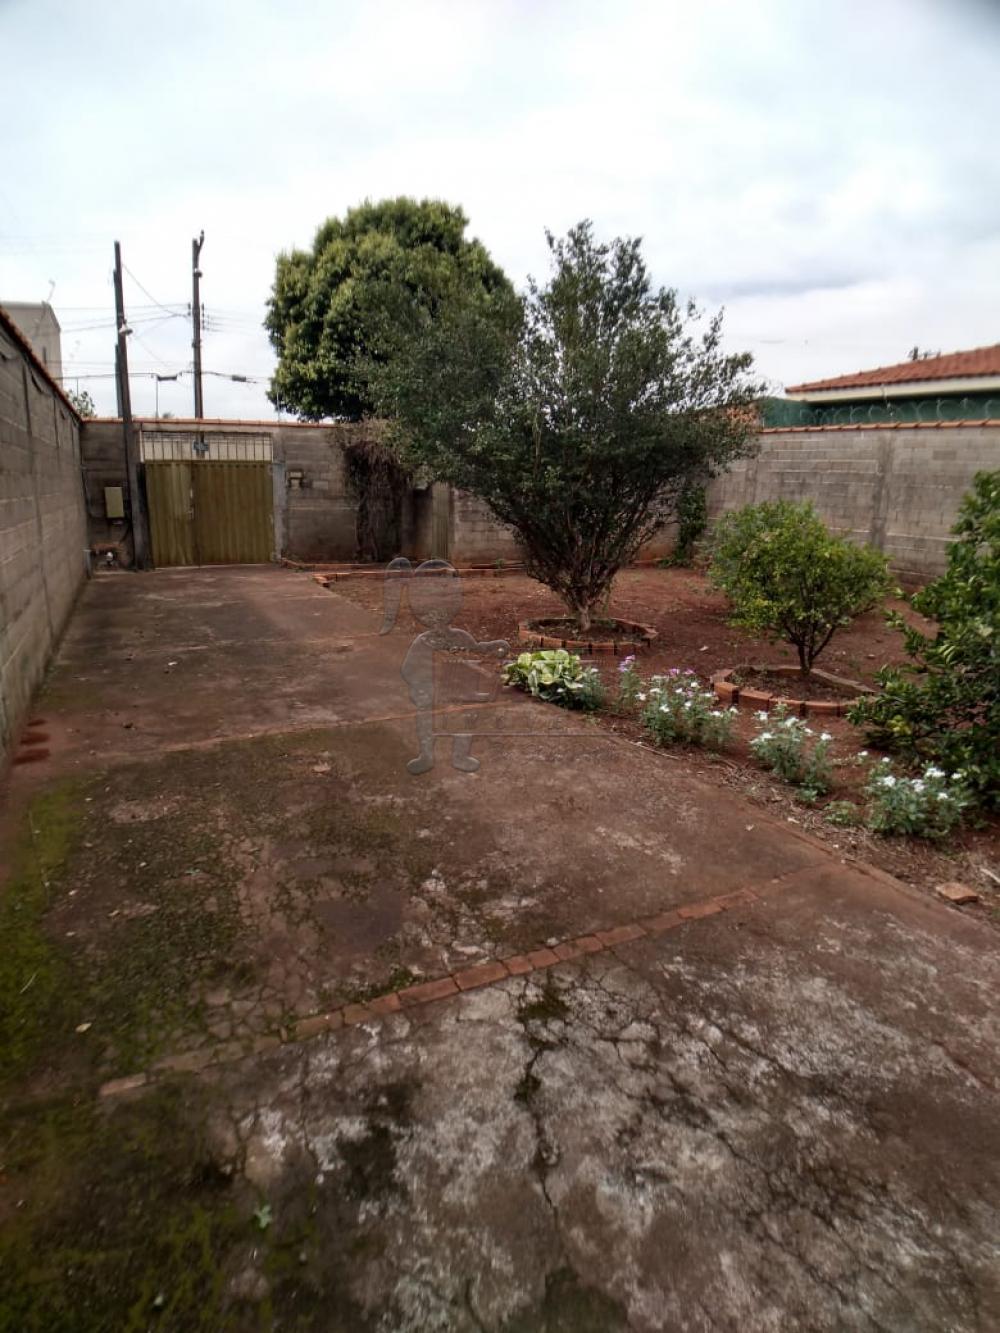 Alugar Casas / Padrão em Ribeirão Preto apenas R$ 700,00 - Foto 2